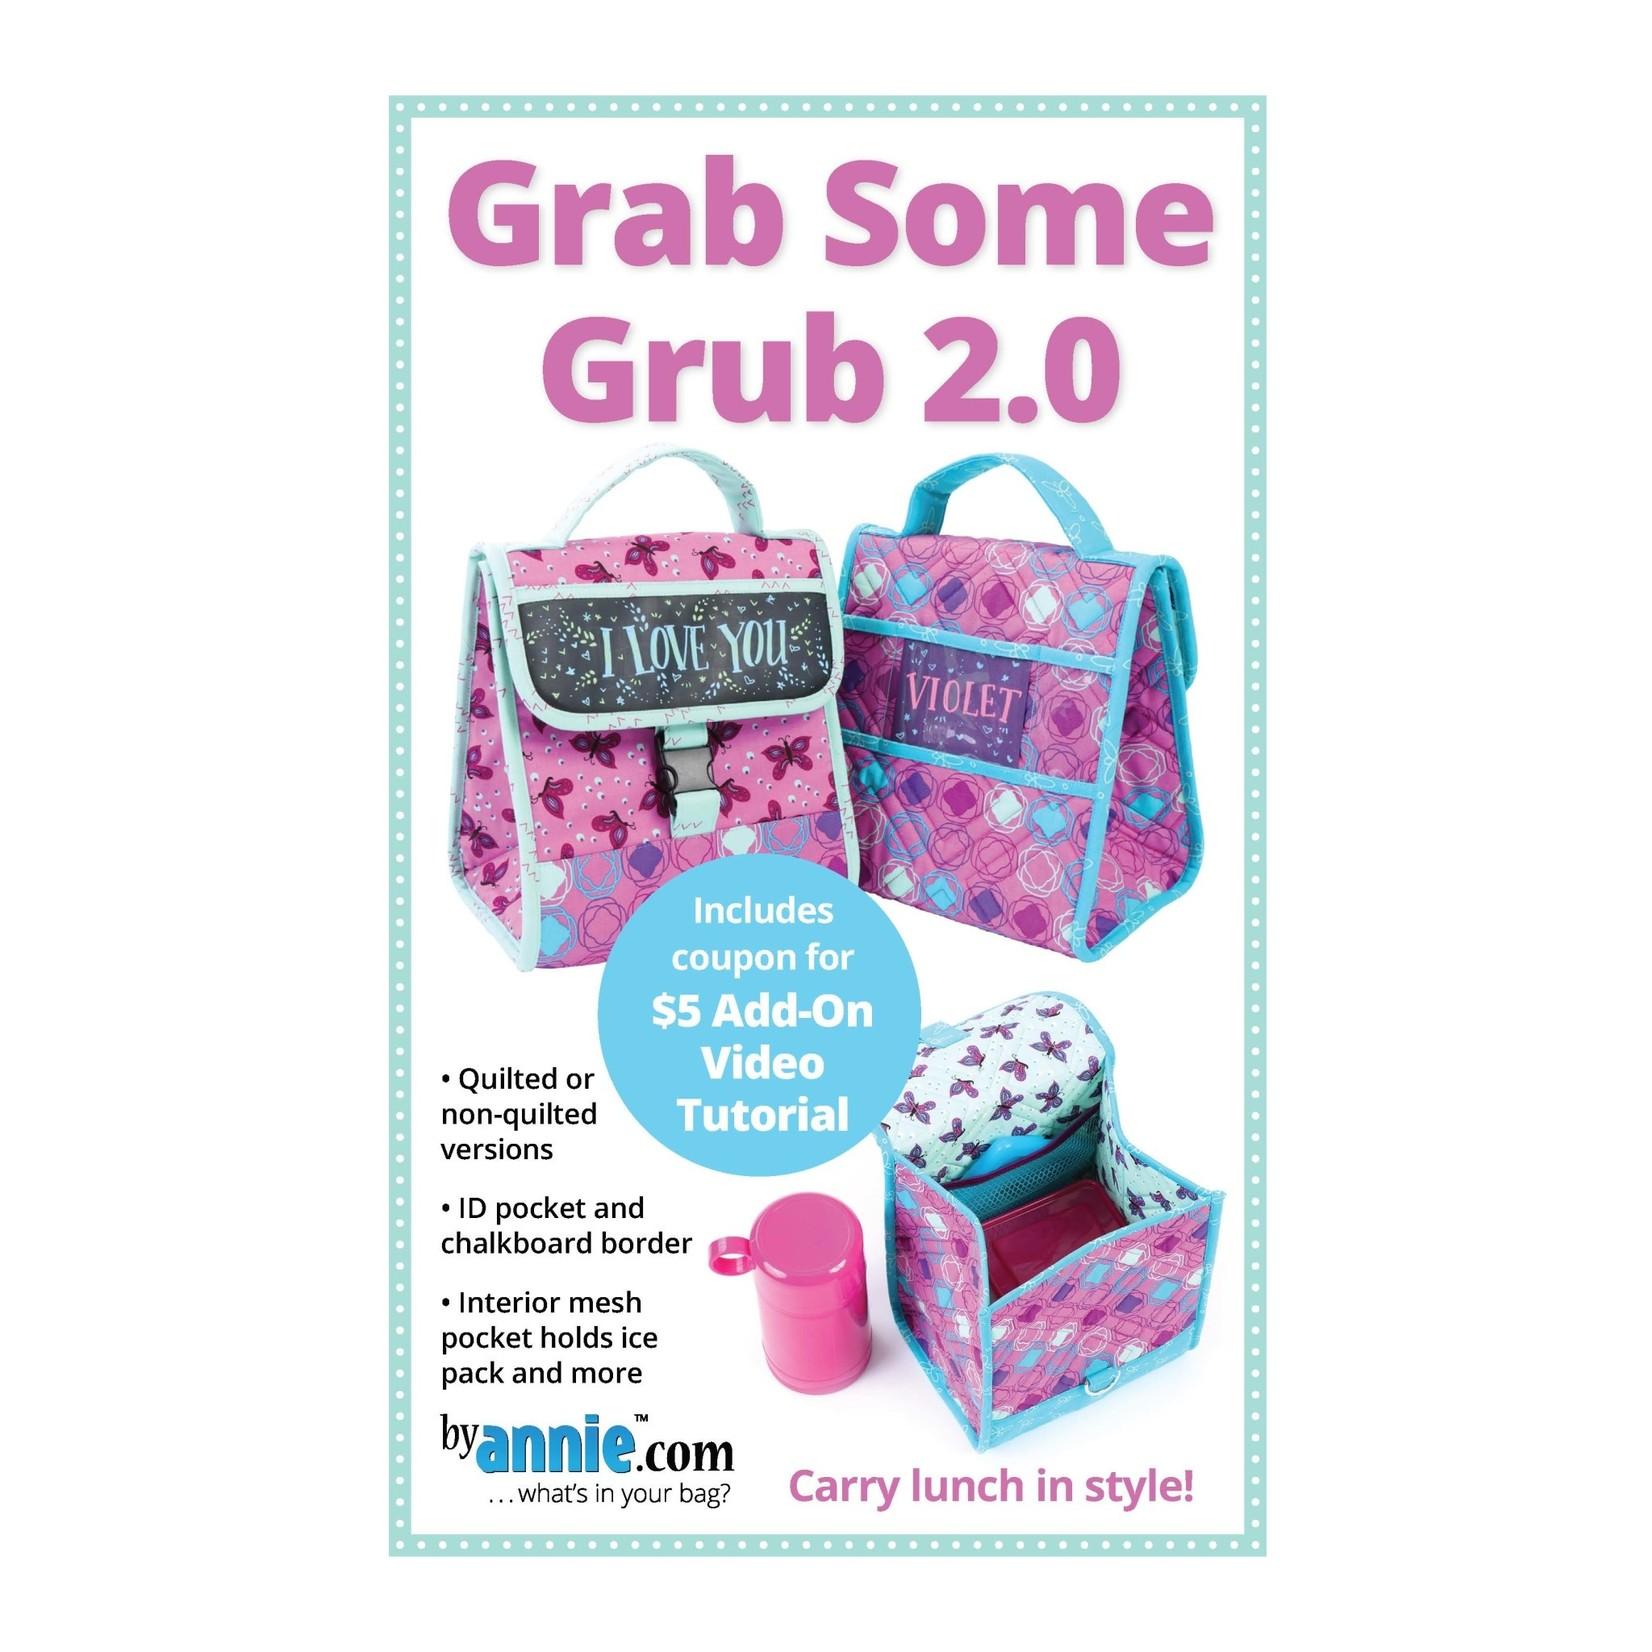 By Annie Grab Some Grub 2.0